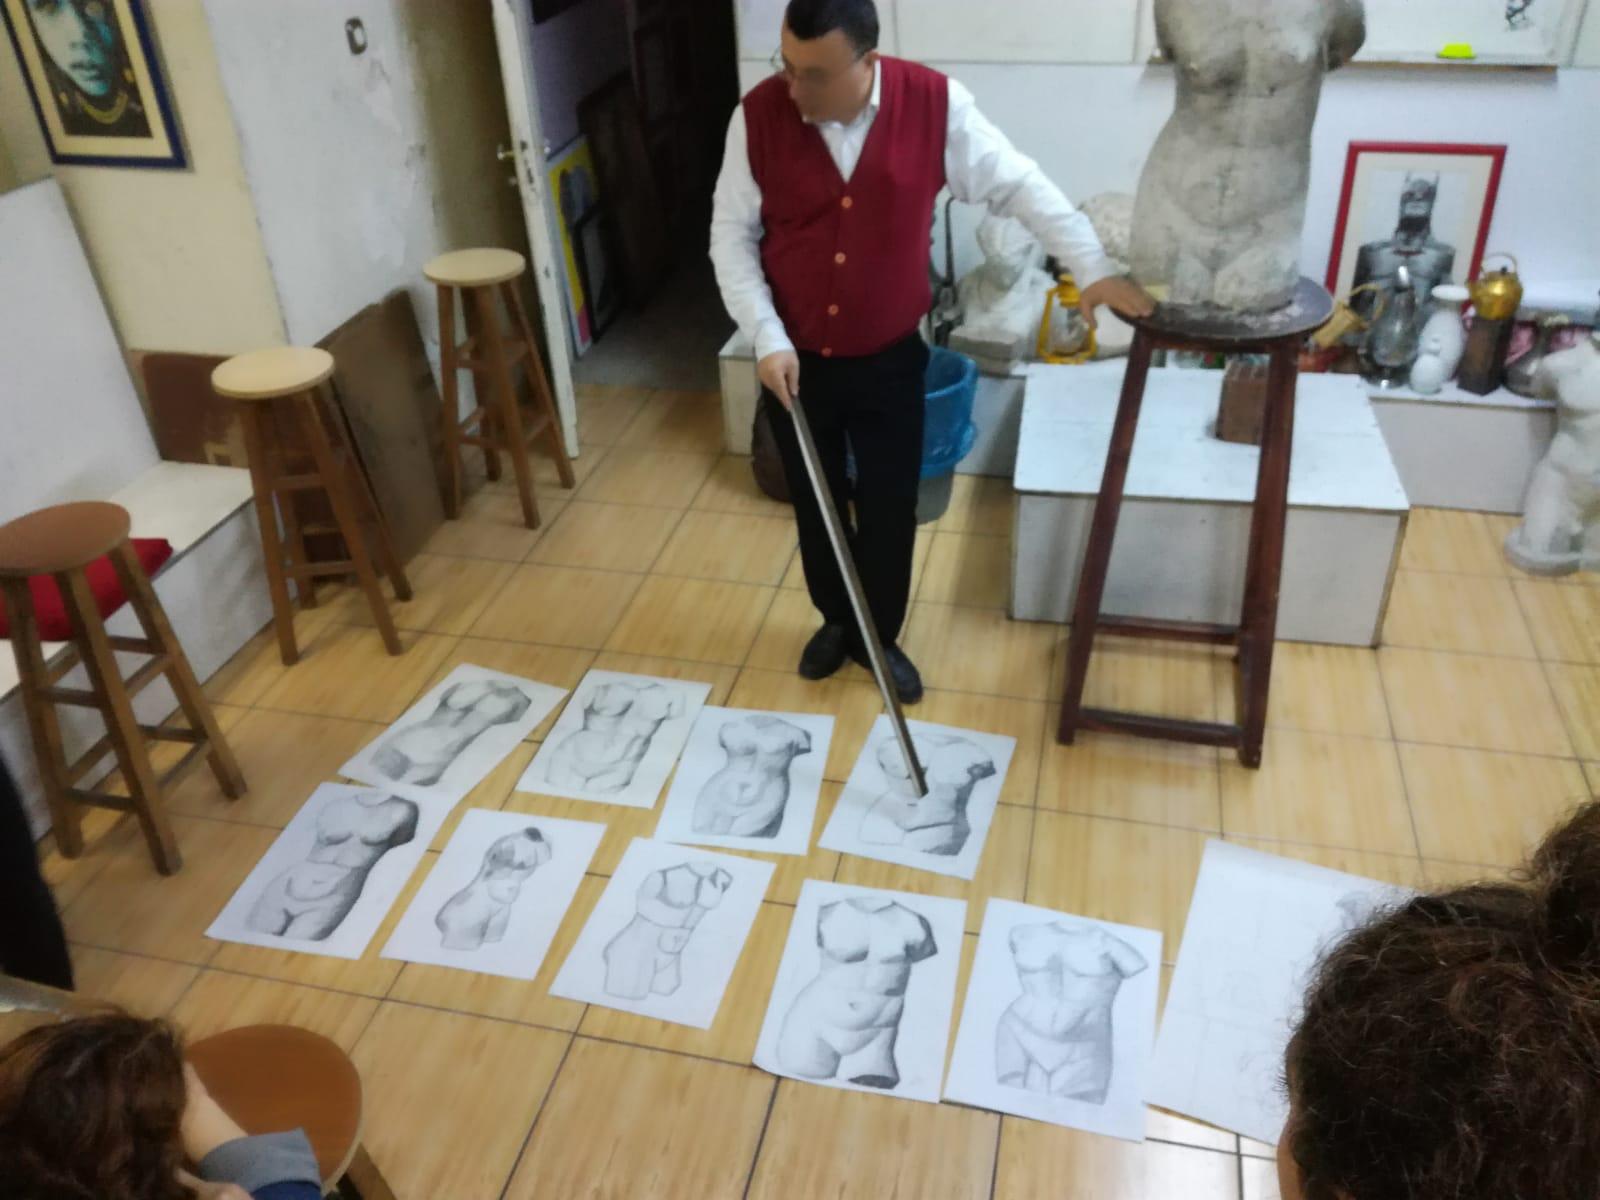 Ücretsiz Resim Kursları Antalyada